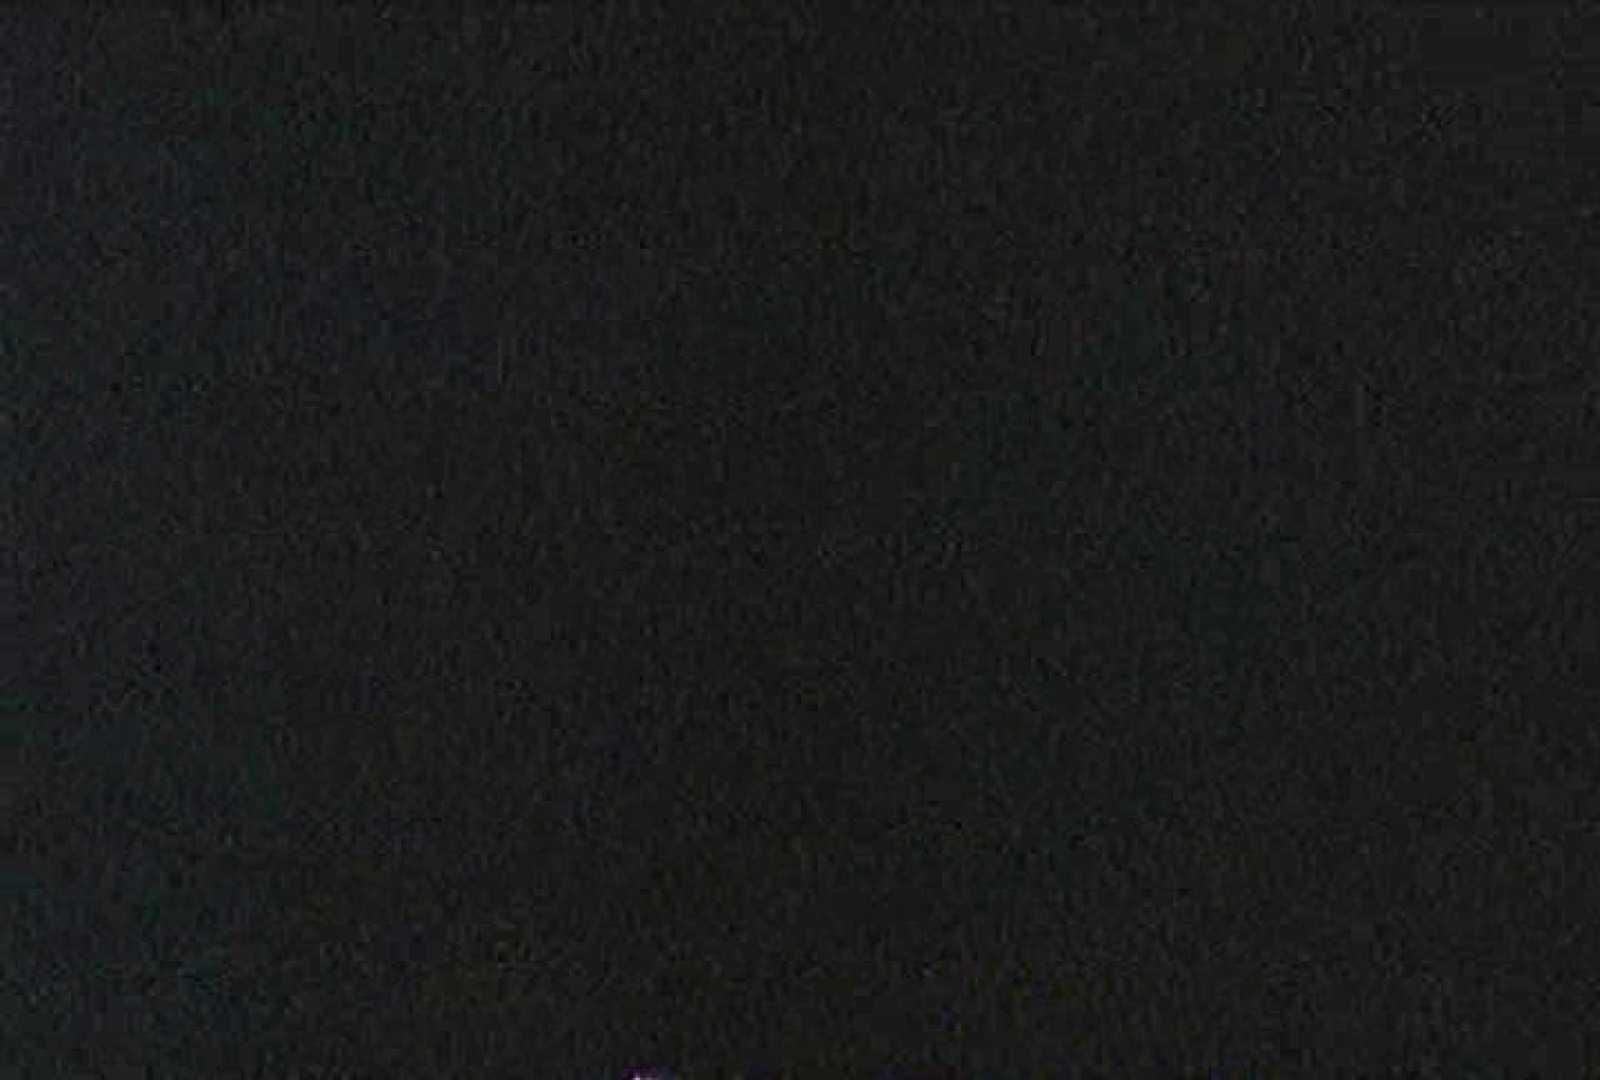 「充血監督」さんの深夜の運動会!! vol.096 マンコ特集 | ギャル・コレクション  22連発 6